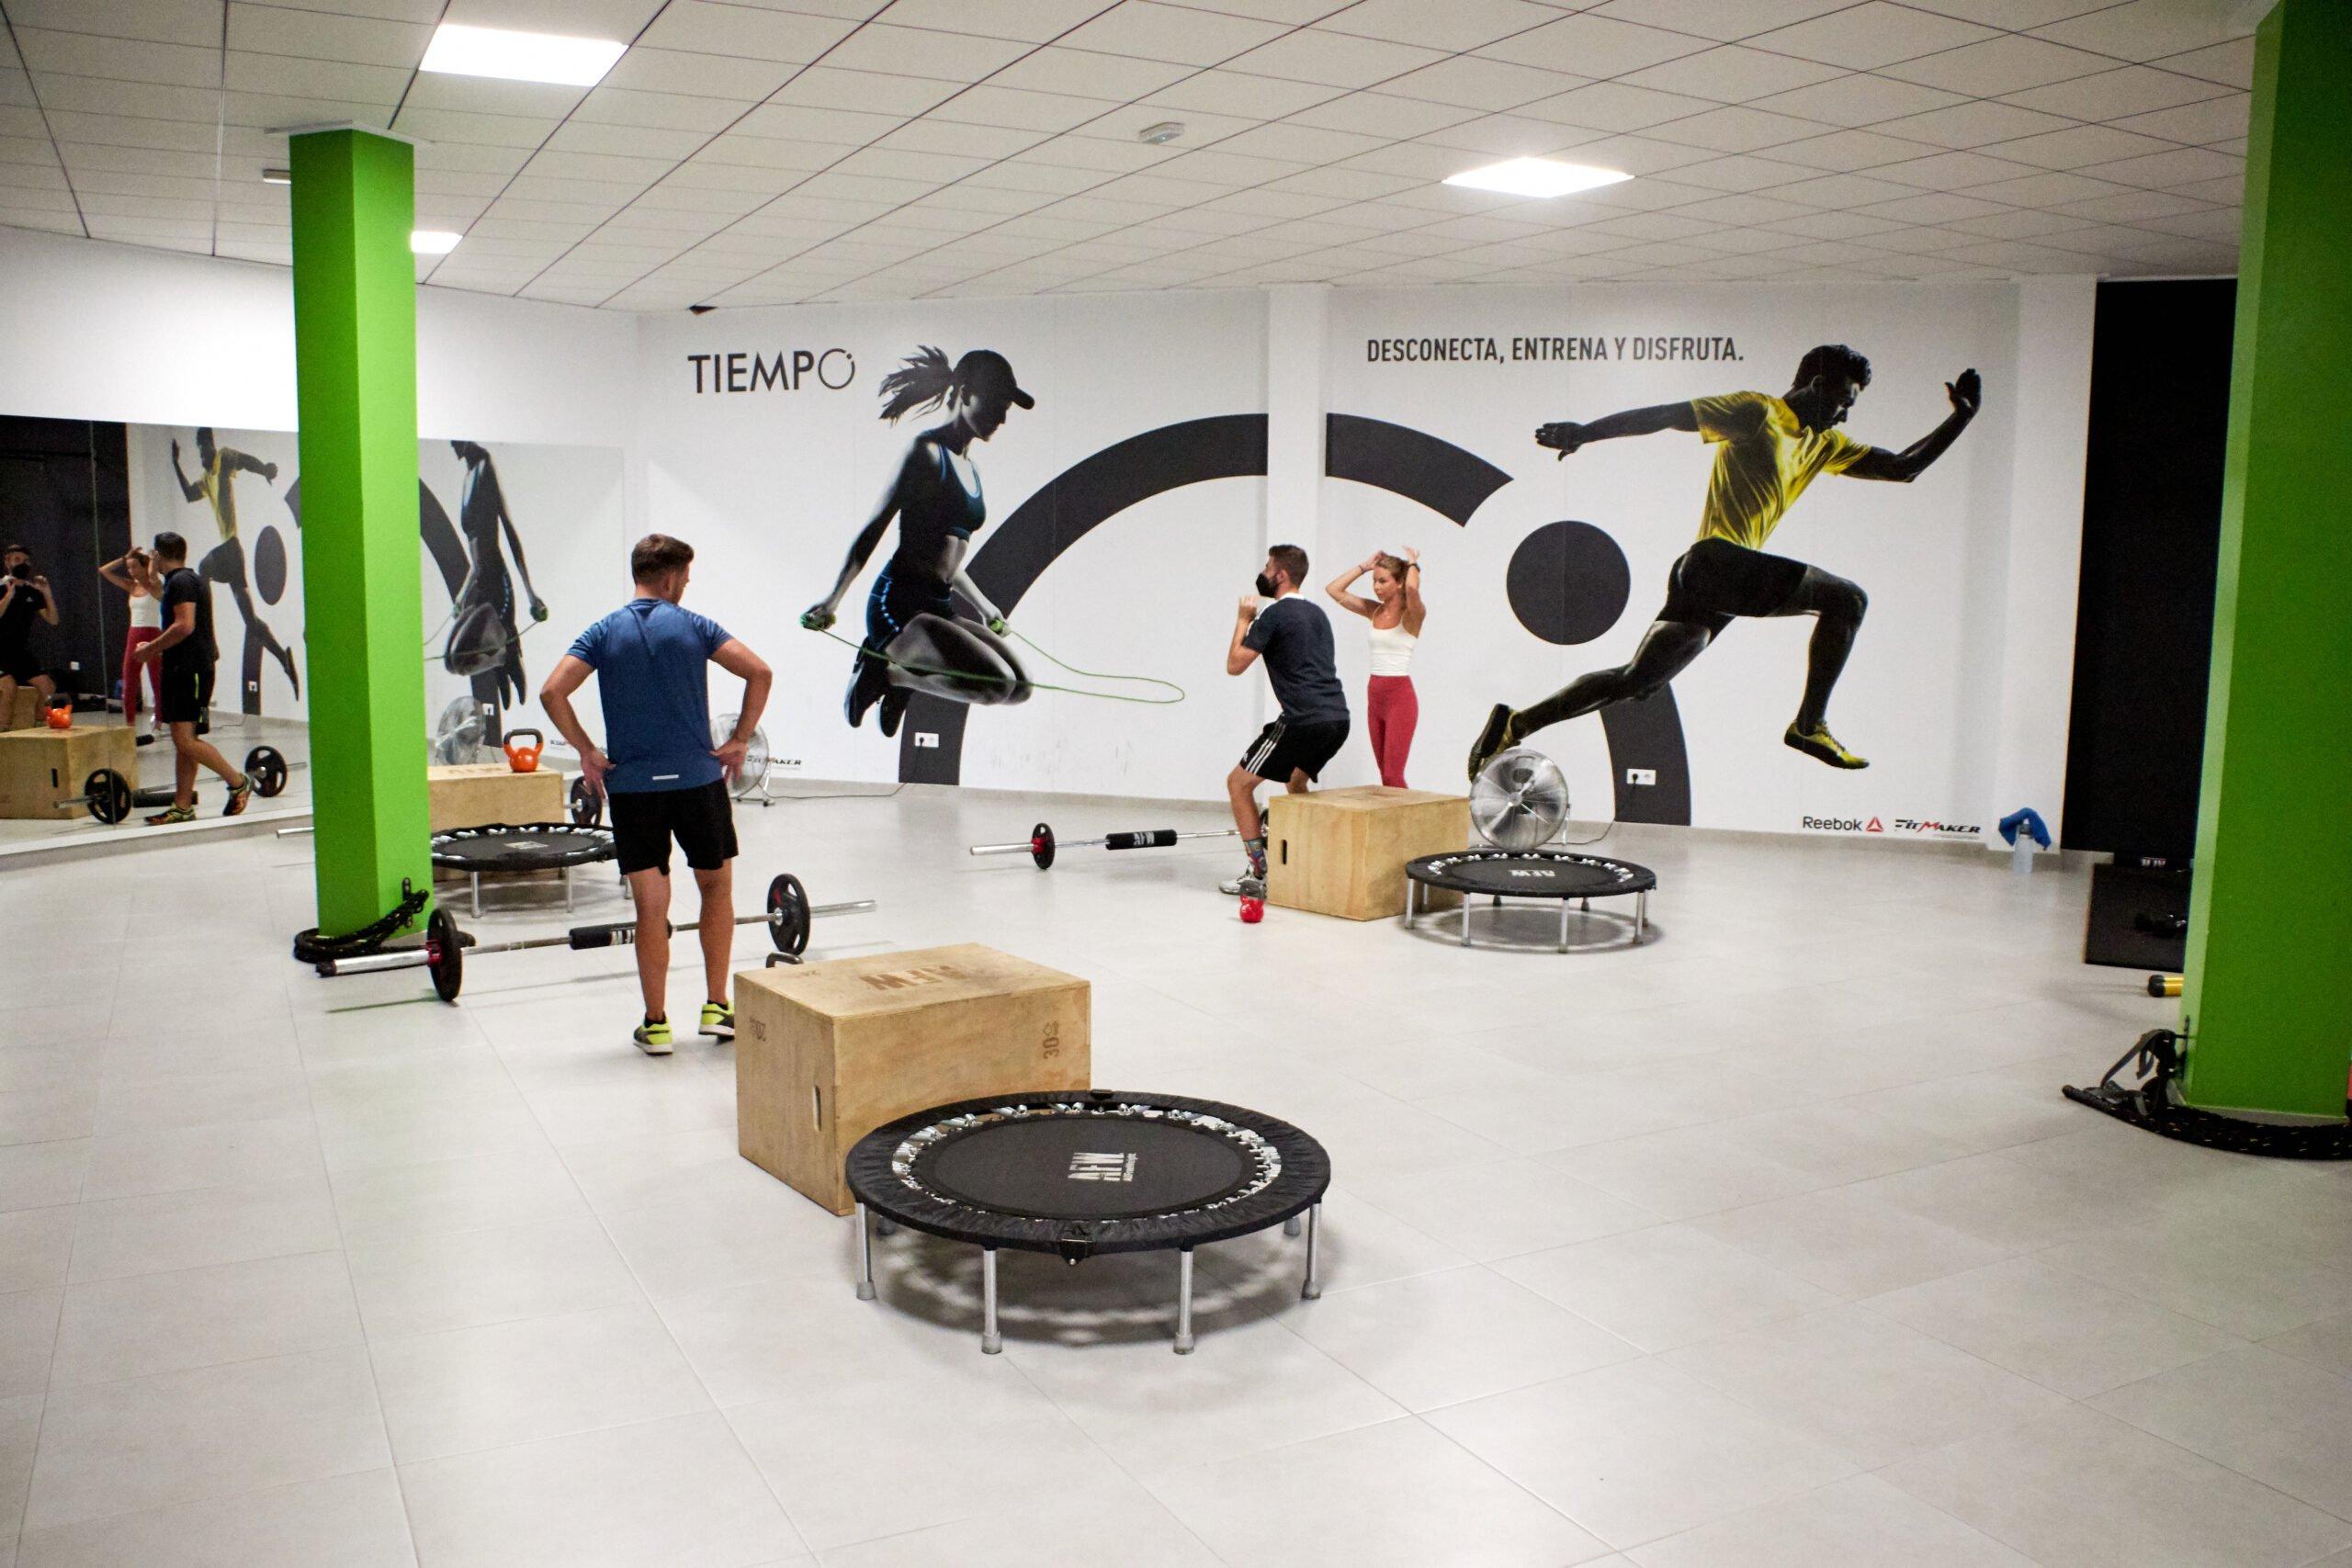 Entrenamiento Javea – Tiempo Personal Training Center